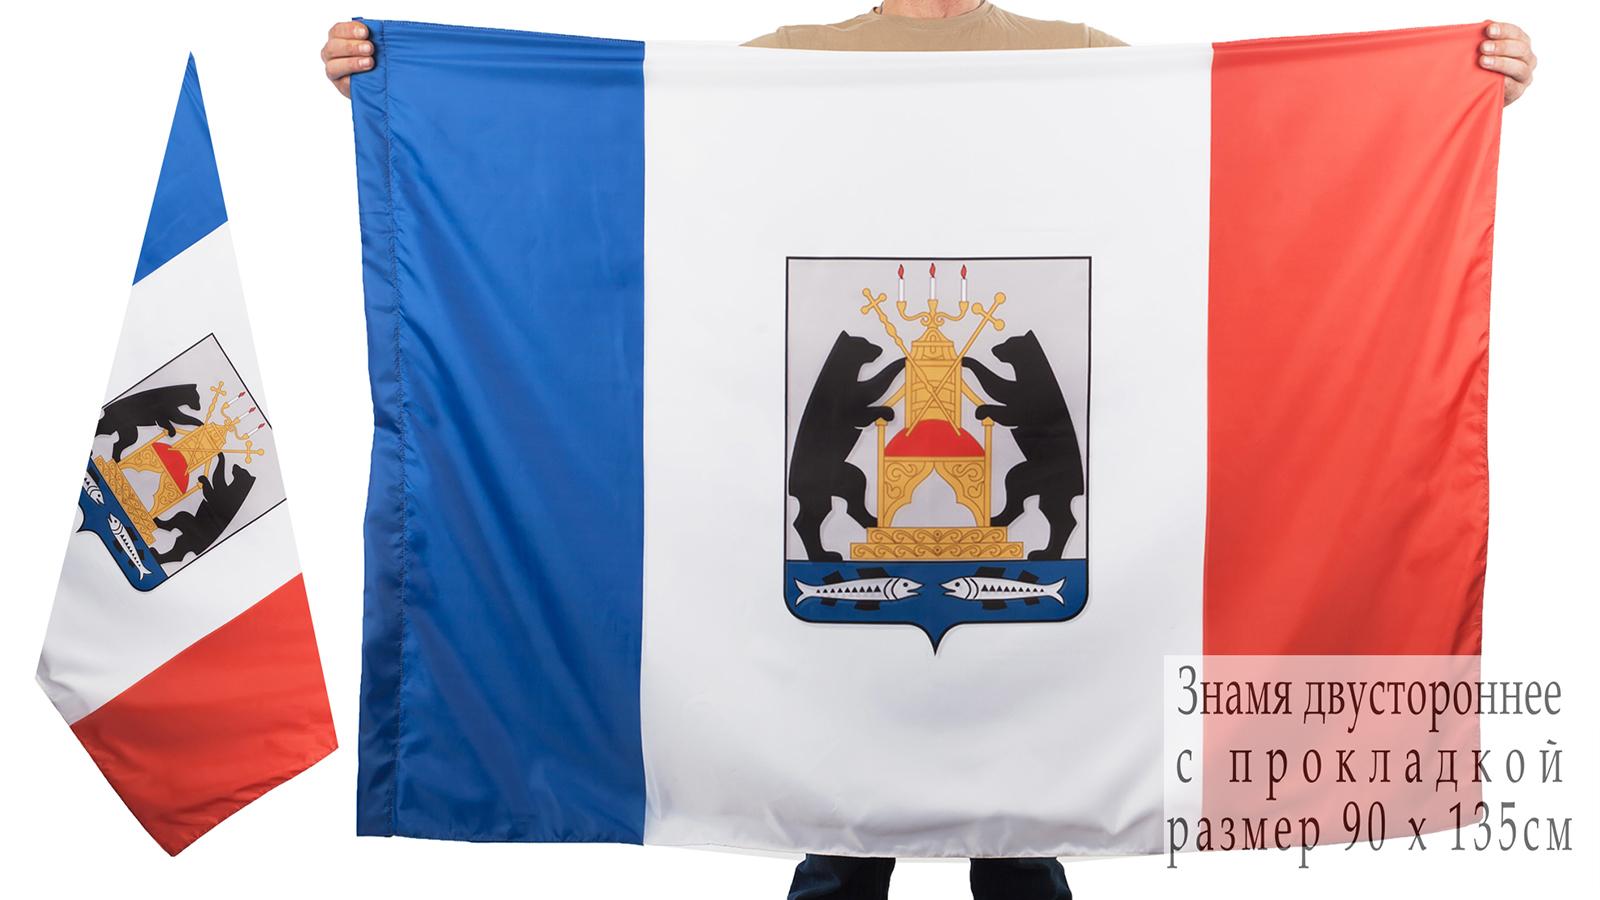 Двухсторонний флаг Новгородской области